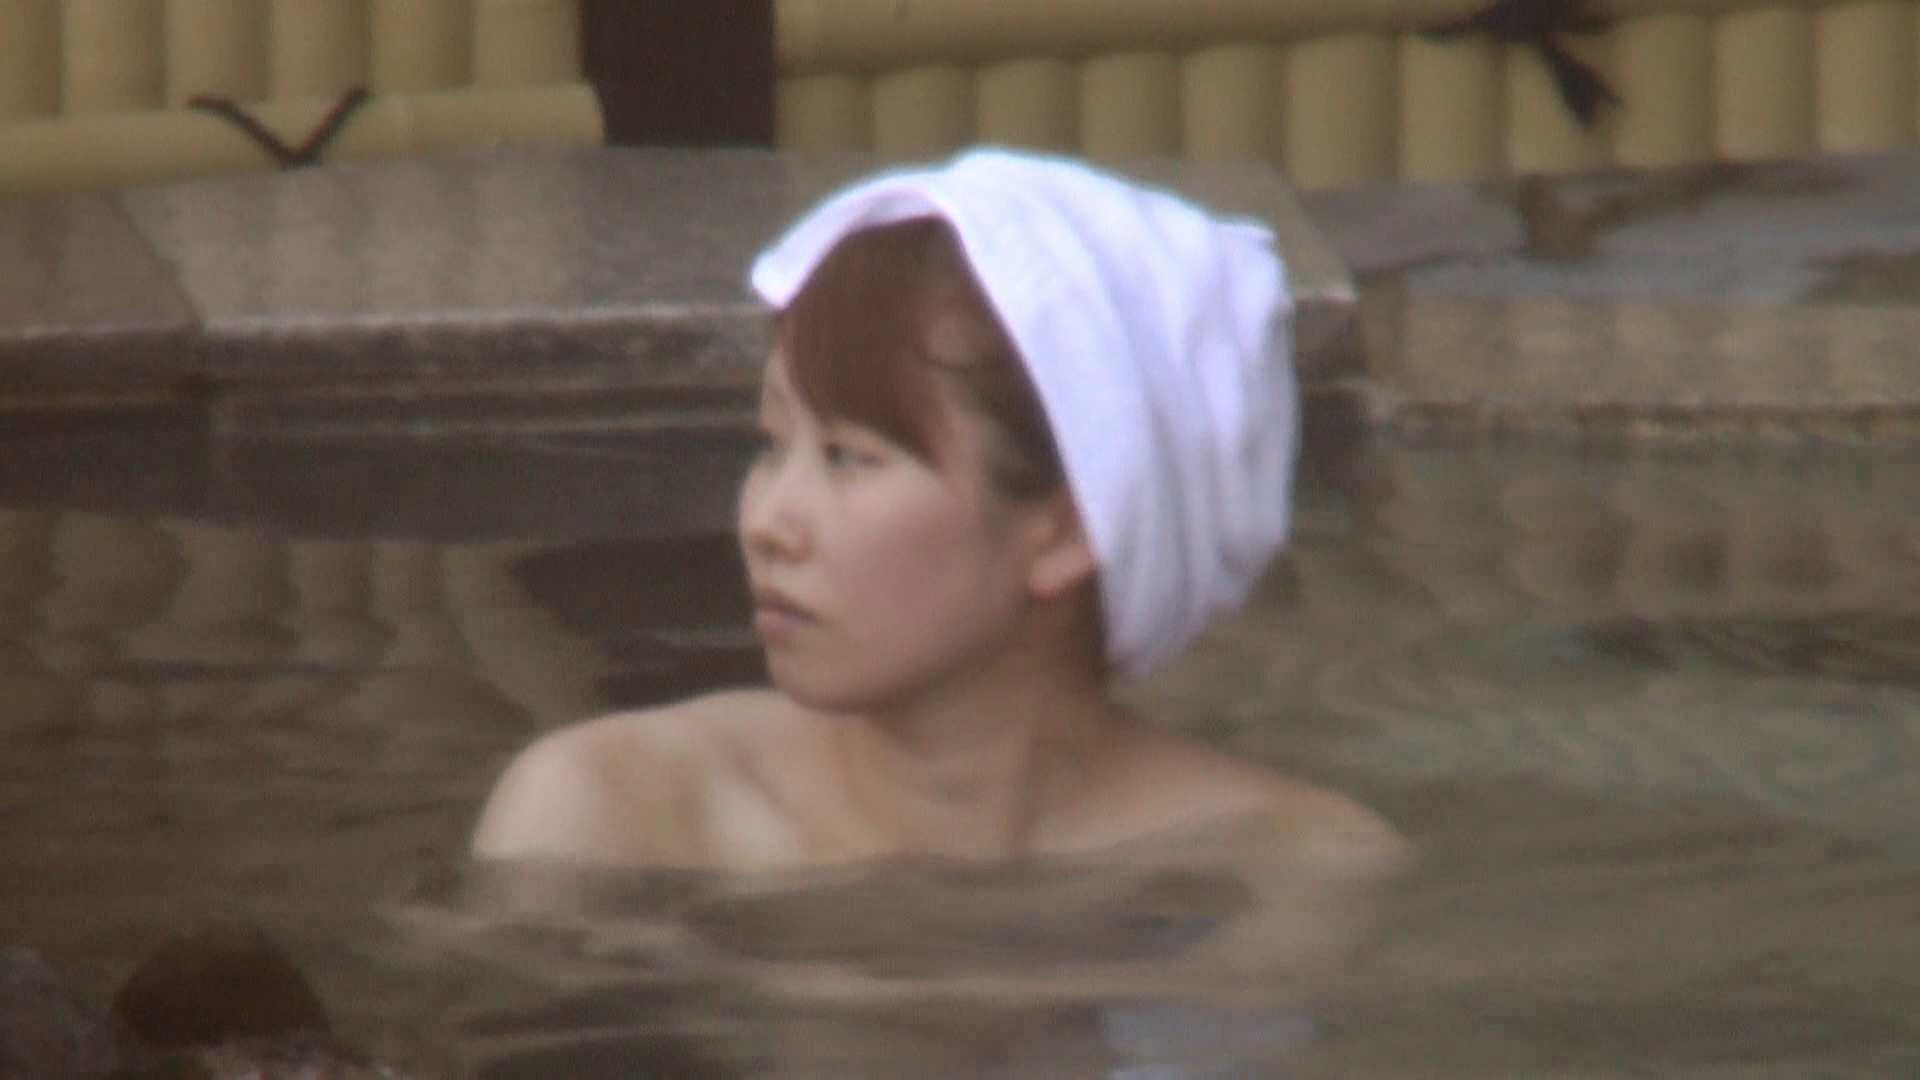 Aquaな露天風呂Vol.210 美しいOLの裸体  75pic 42